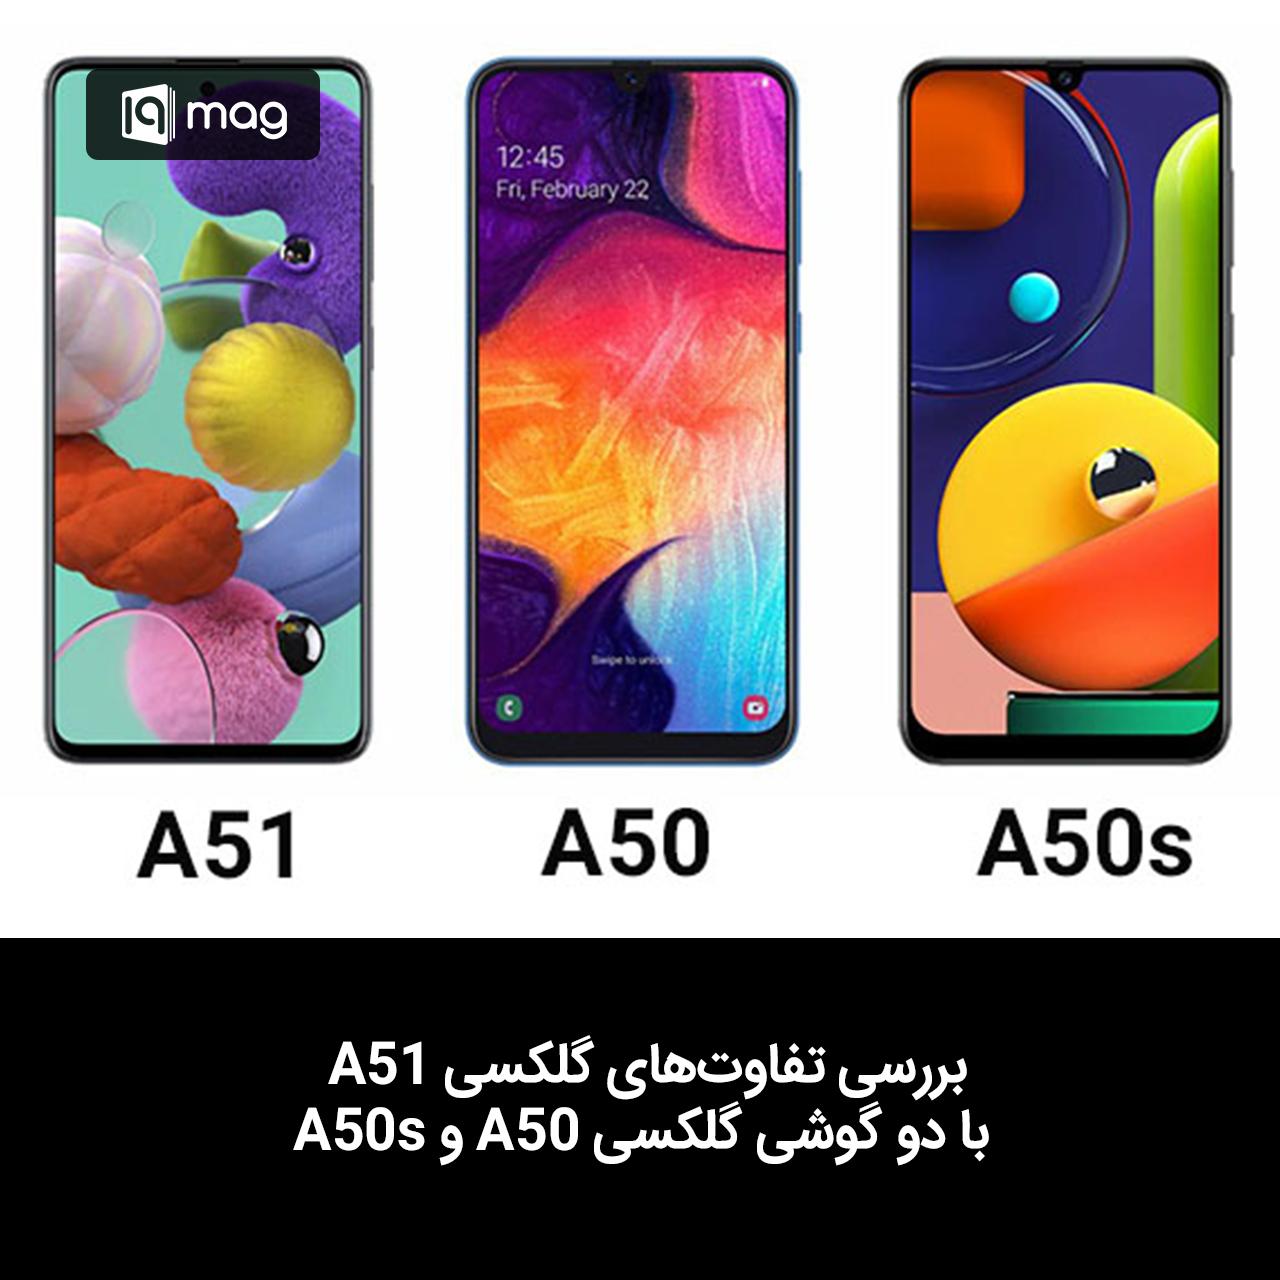 بررسی تفاوتهای گلکسی A51 با دو گوشی گلکسی A50 و A50s